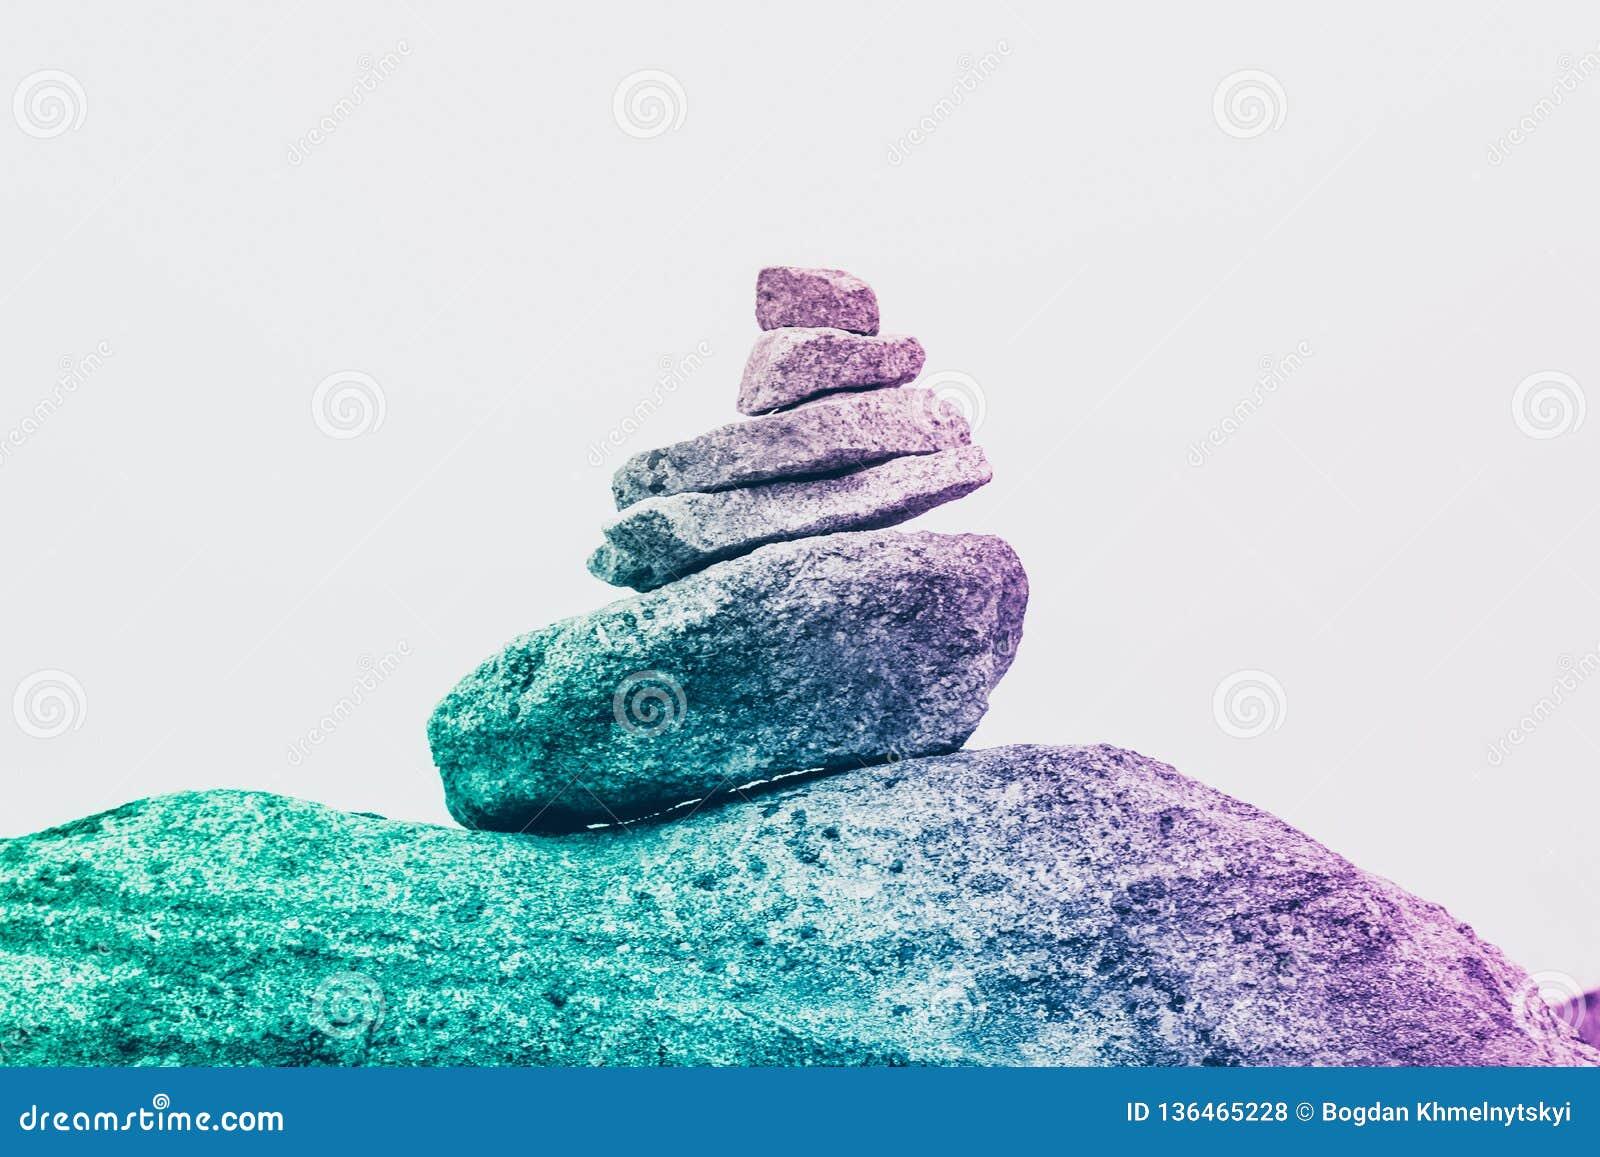 Eine Pyramide von surrealen Steinen, das Konzept der Ruhe, Kreativität und Einzigartigkeit